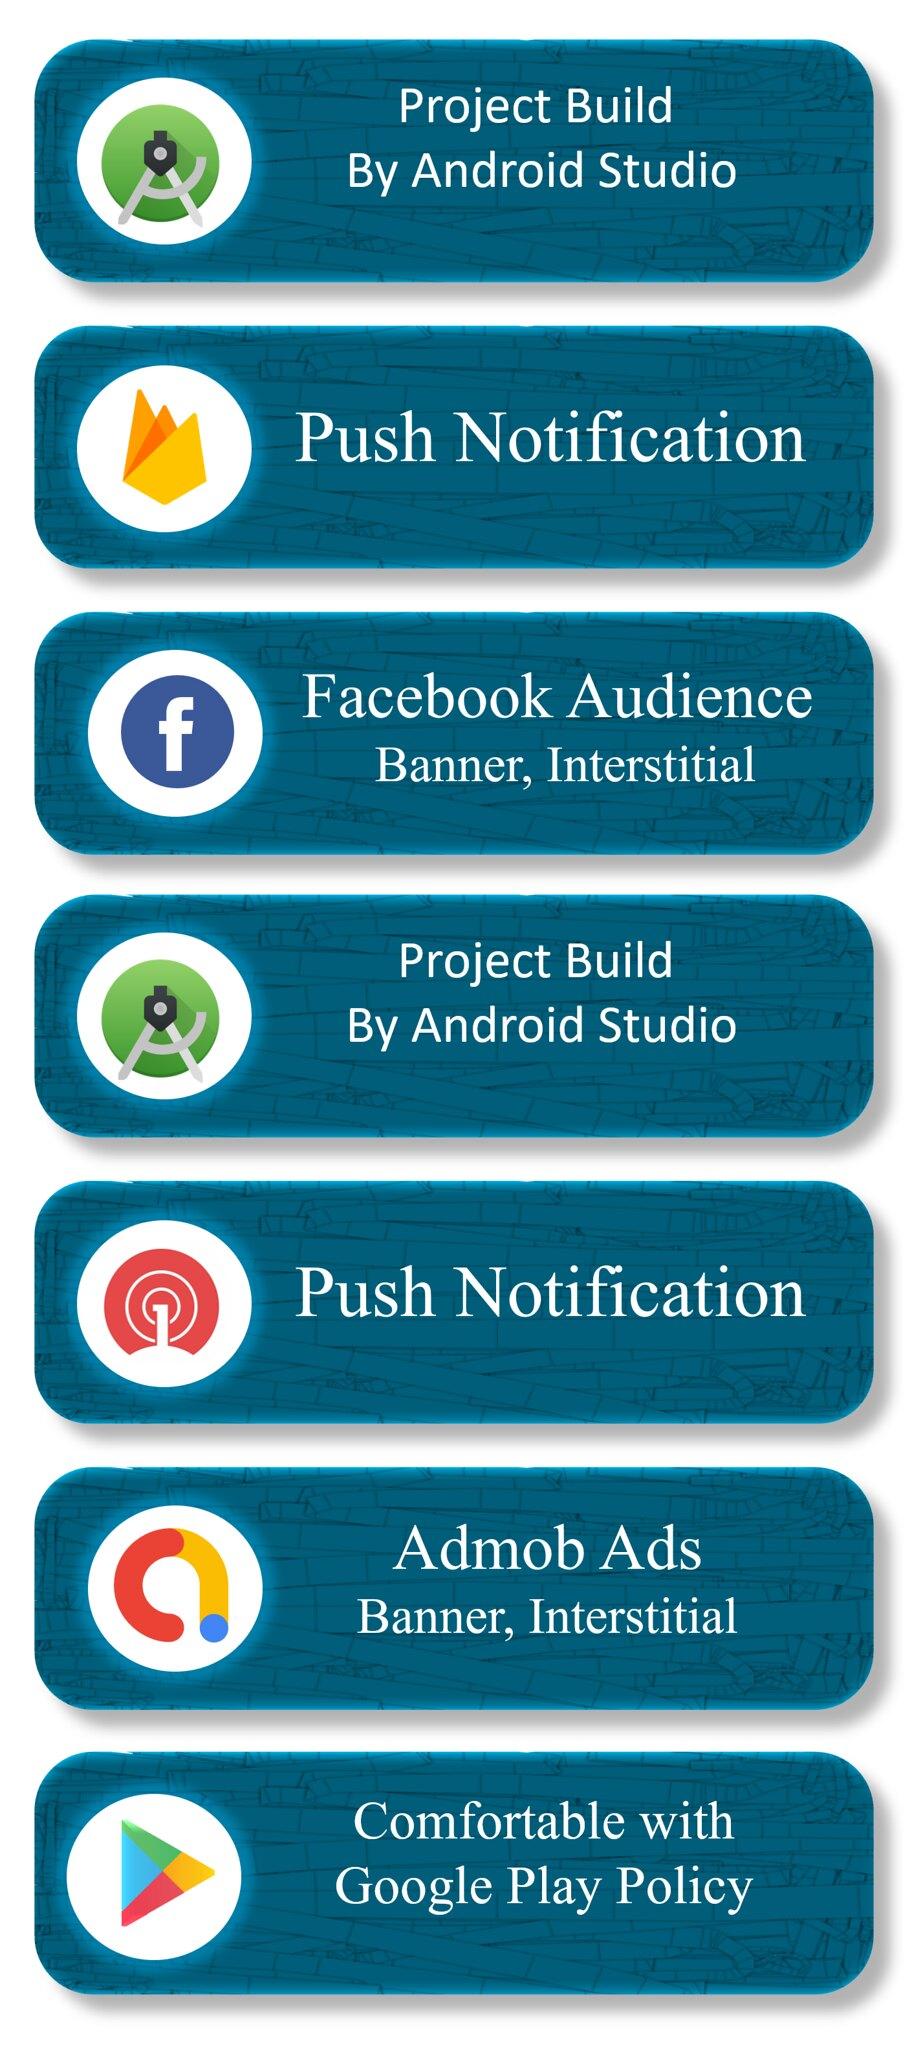 JOYO - Video Downloader App | Facebook Ads | Admob Ads | Slider Banner Image | Push Notification - 6